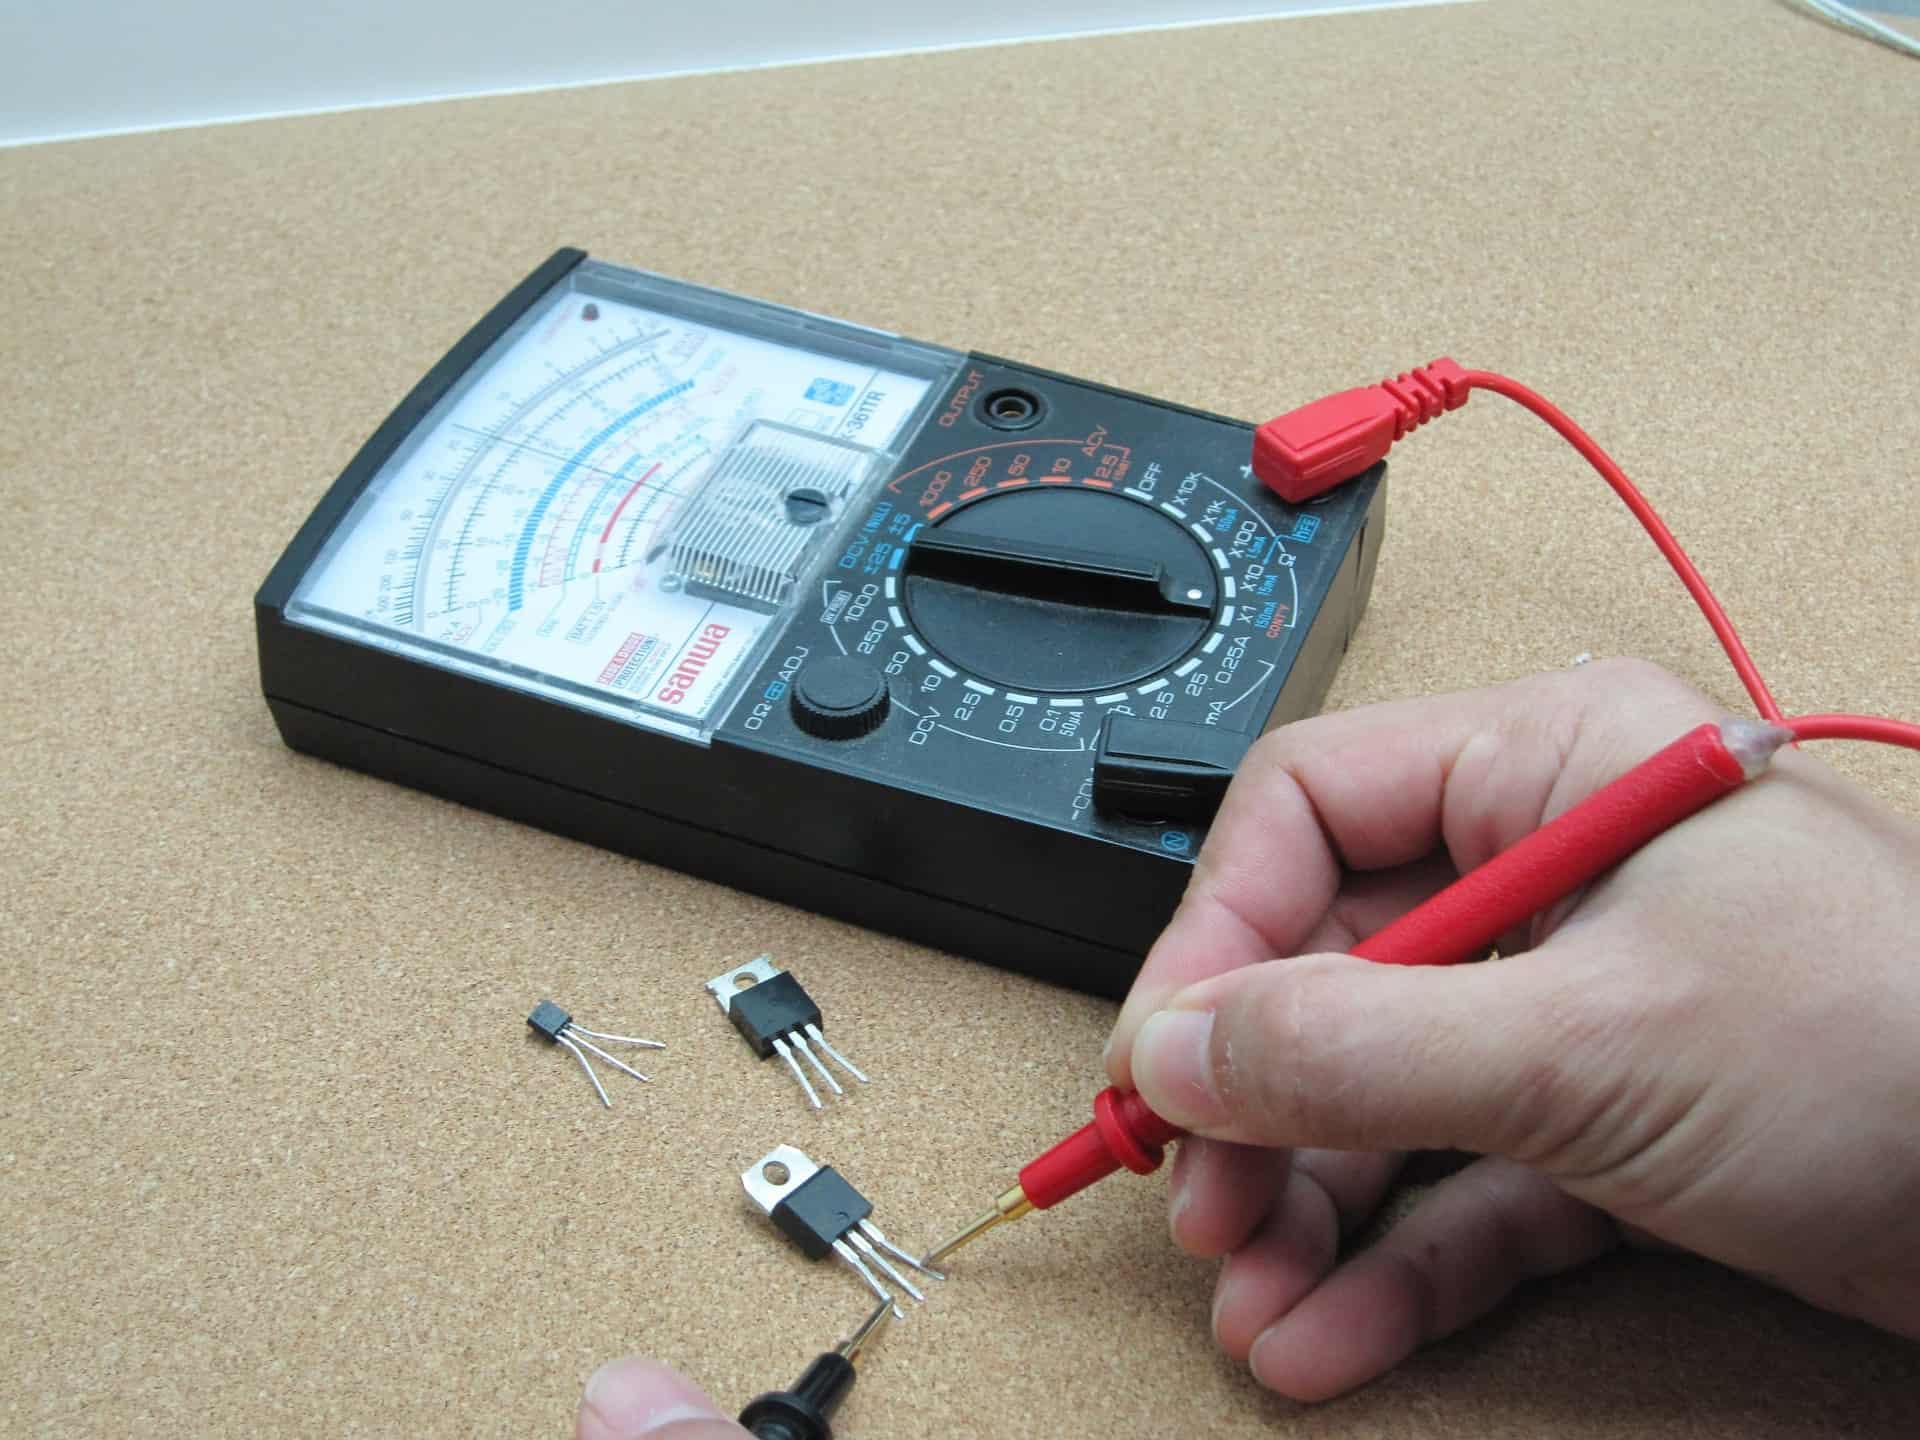 Foto de um multímetro em uso, utilizando as pontas de prova para realizar medição num transistor.